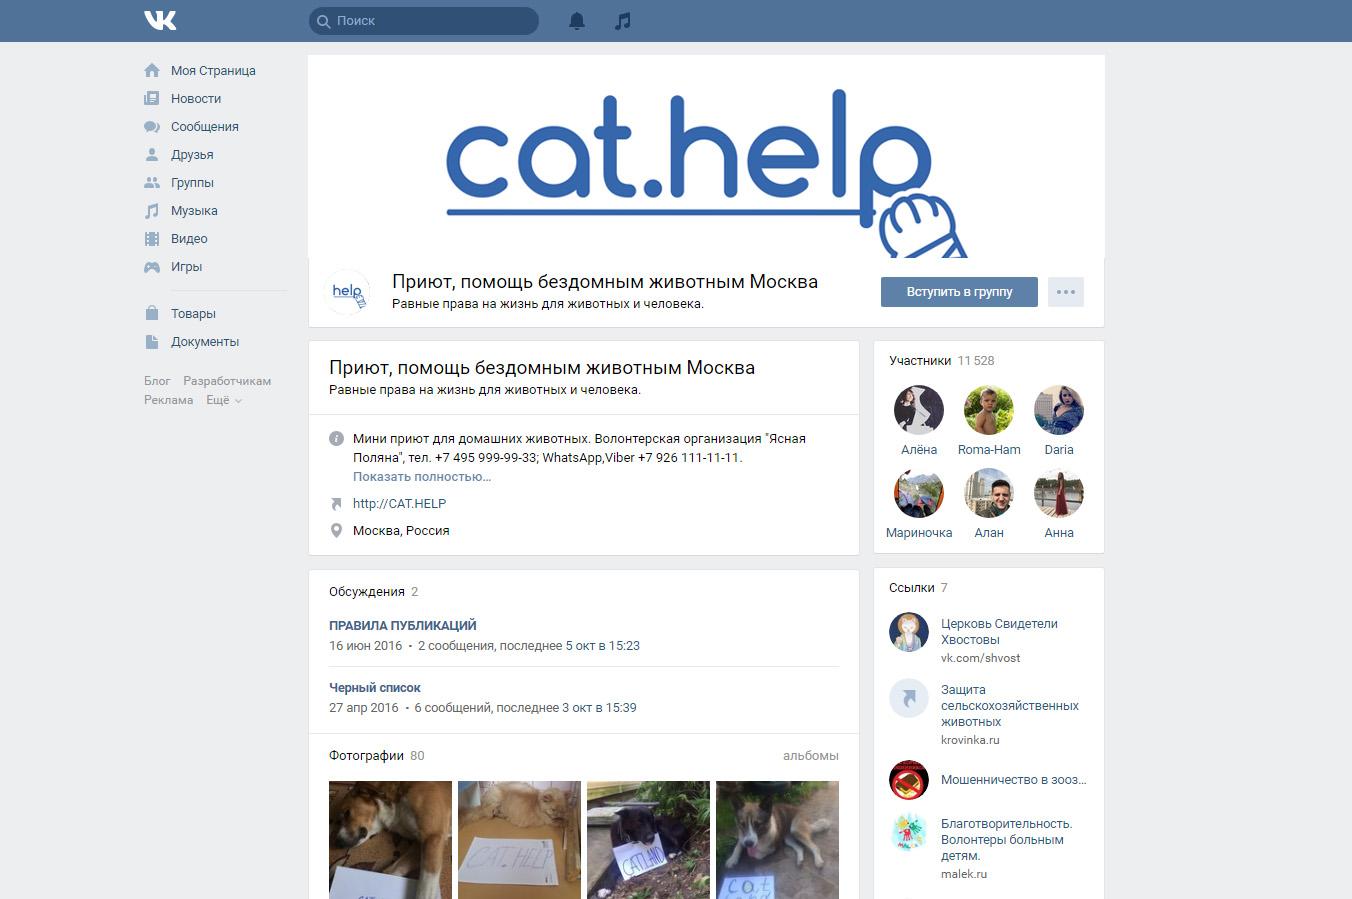 логотип для сайта и группы вк - cat.help фото f_57159db96828af69.jpg